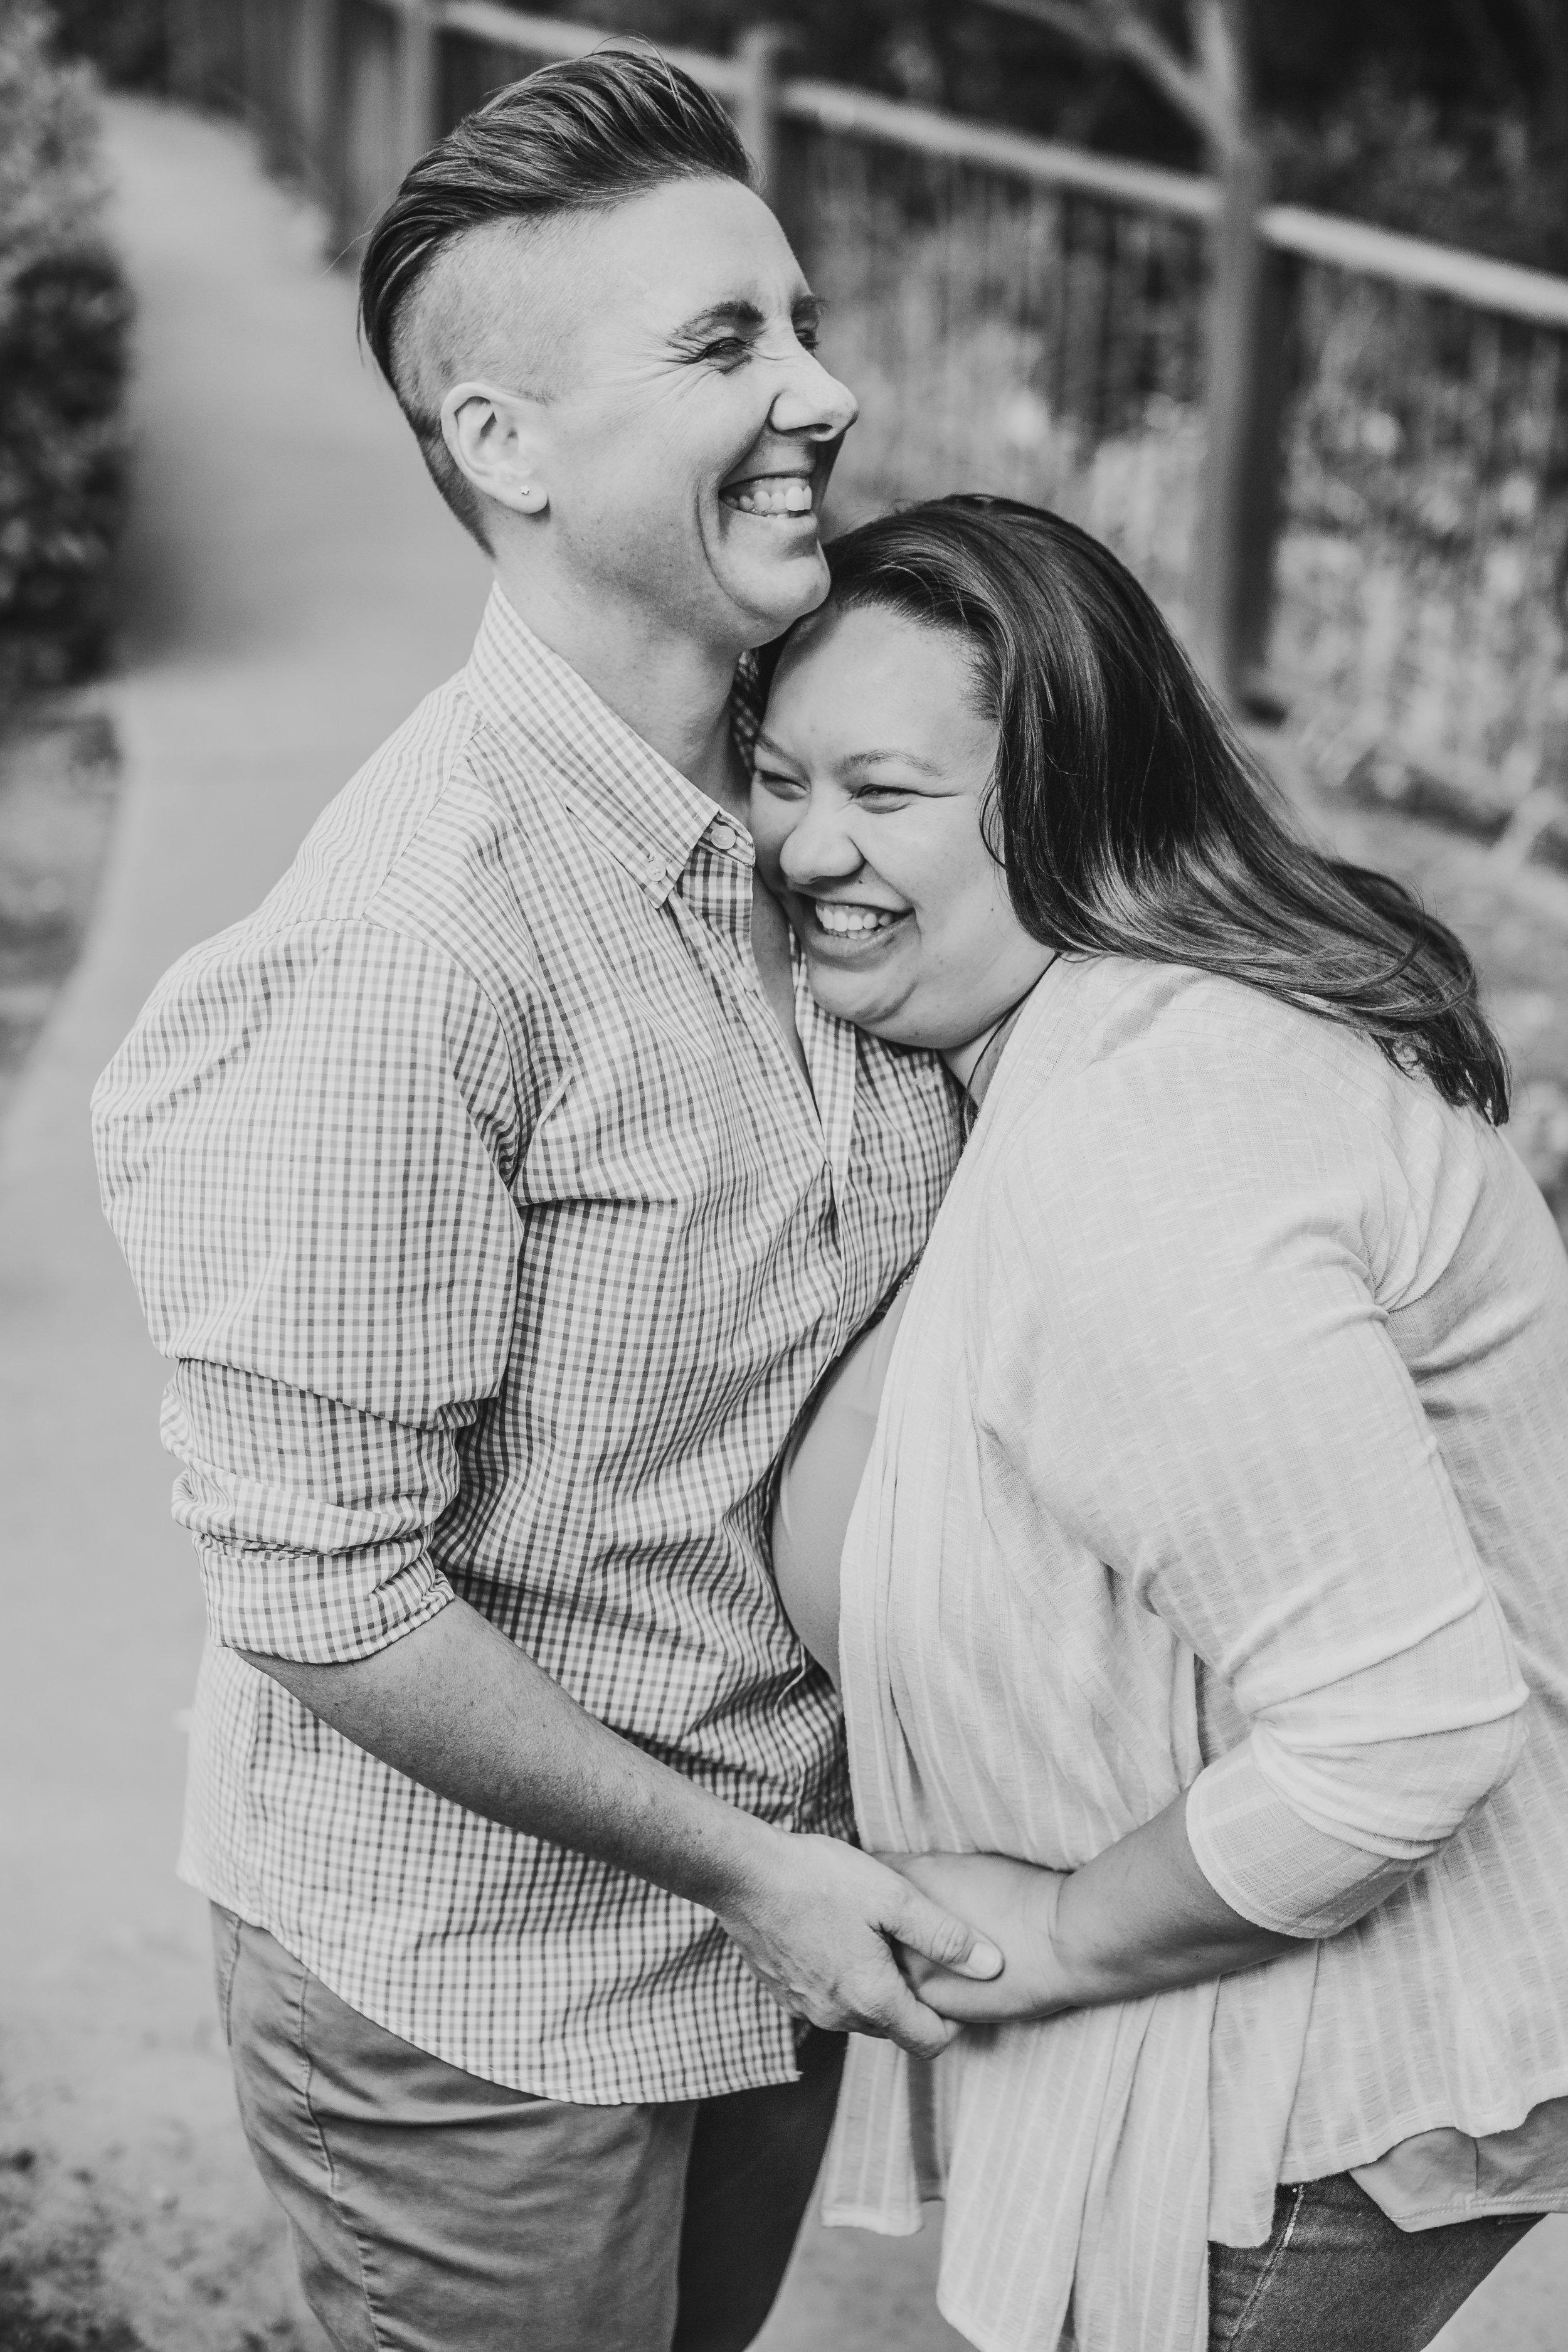 goda kristna andakt för dating par